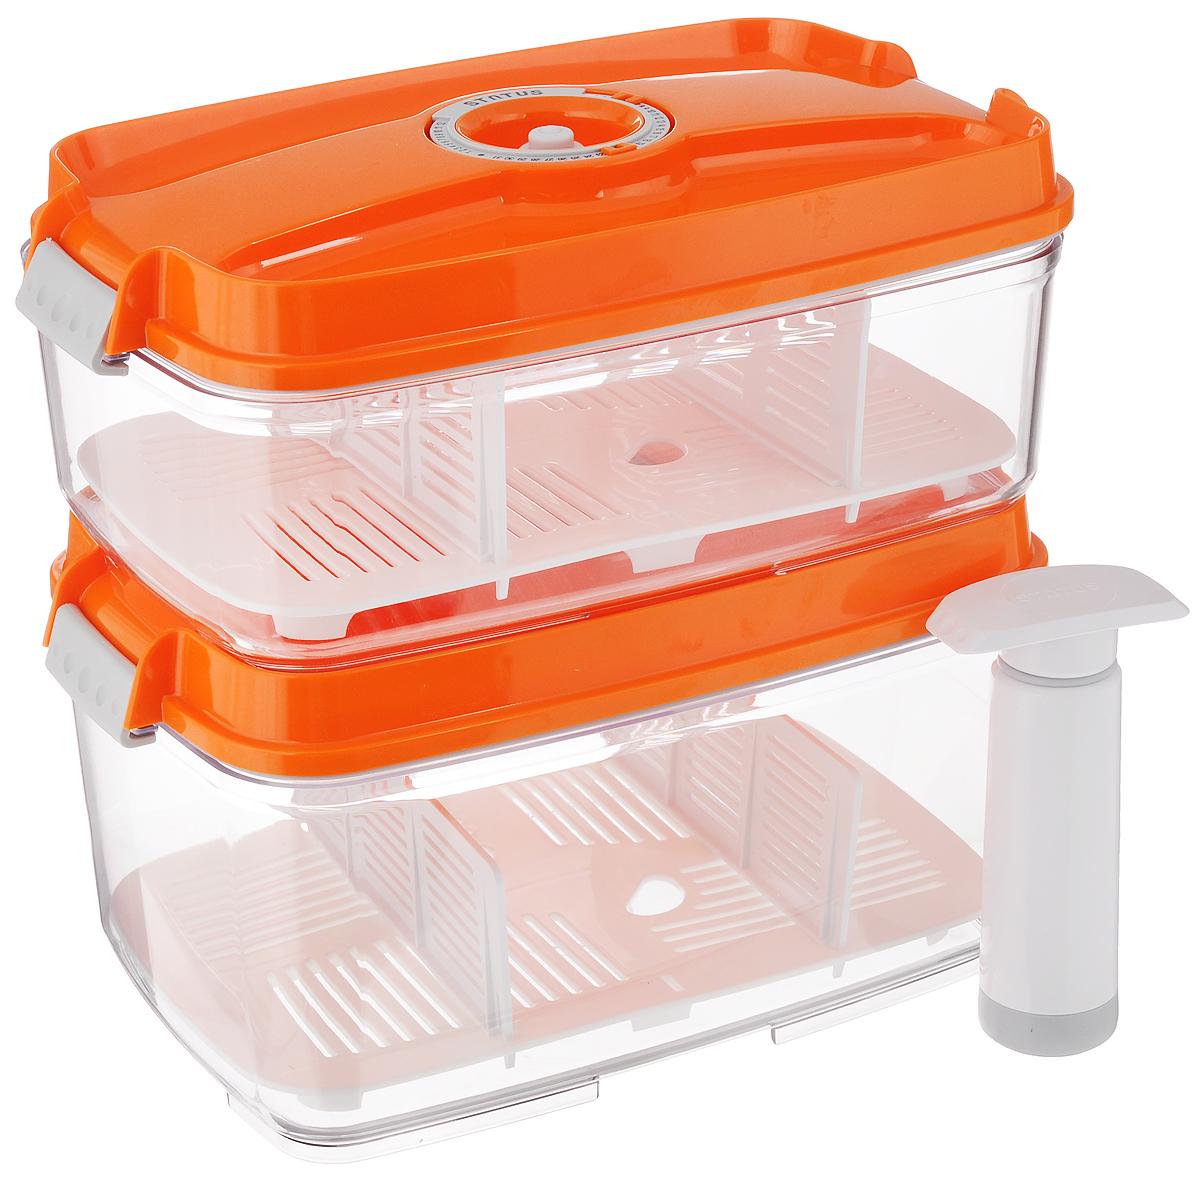 Набор вакуумных контейнеров Status, с индикатором даты срока хранения, цвет: прозрачный, оранжевый, 2 шт + ПОДАРОК: Вакуумный ручной насос4630003364517Набор вакуумных контейнеров Status выполнен из хрустально-прозрачного прочного тритана. Благодаря вакууму, продукты не подвергаются внешнему воздействию, и срок хранения значительно увеличивается, сохраняют свои вкусовые качества и аромат, а запахи в холодильнике не перемешиваются. Допускается замораживание до -21°C, мойка контейнеров в посудомоечной машине, разогрев в СВЧ (без крышки). Рекомендовано хранение следующих продуктов: макаронные изделия, крупа, мука, кофе в зёрнах, сухофрукты, супы, соусы. Каждый контейнер имеет индикатор даты, который позволяет отмечать дату конца срока годности продуктов. К каждому контейнеру прилагаются 2 разделителя и поддон. В комплекте также имеется вакуумный ручной насос, с помощью которого одним простым движением можно быстро выкачать воздух из контейнера.Объем первого контейнера: 3 л.Объем второго контейнера: 4,5 л.Размер двух контейнеров (по верхнему краю): 27 х 18,5 см.Высота первого контейнера (без учета крышки): 8,5 см.Высота второго контейнера (без учета крышки): 12,5 см.Высота первого контейнера (с учетом крышки): 11,5 см.Высота второго контейнера (с учетом крышки): 15,5 см.Размер поддонов: 25,5 х 16,5 см.Длина насоса (в сложенном виде): 14,2 см.Длина насоса (в разложенном виде): 22,7 см.